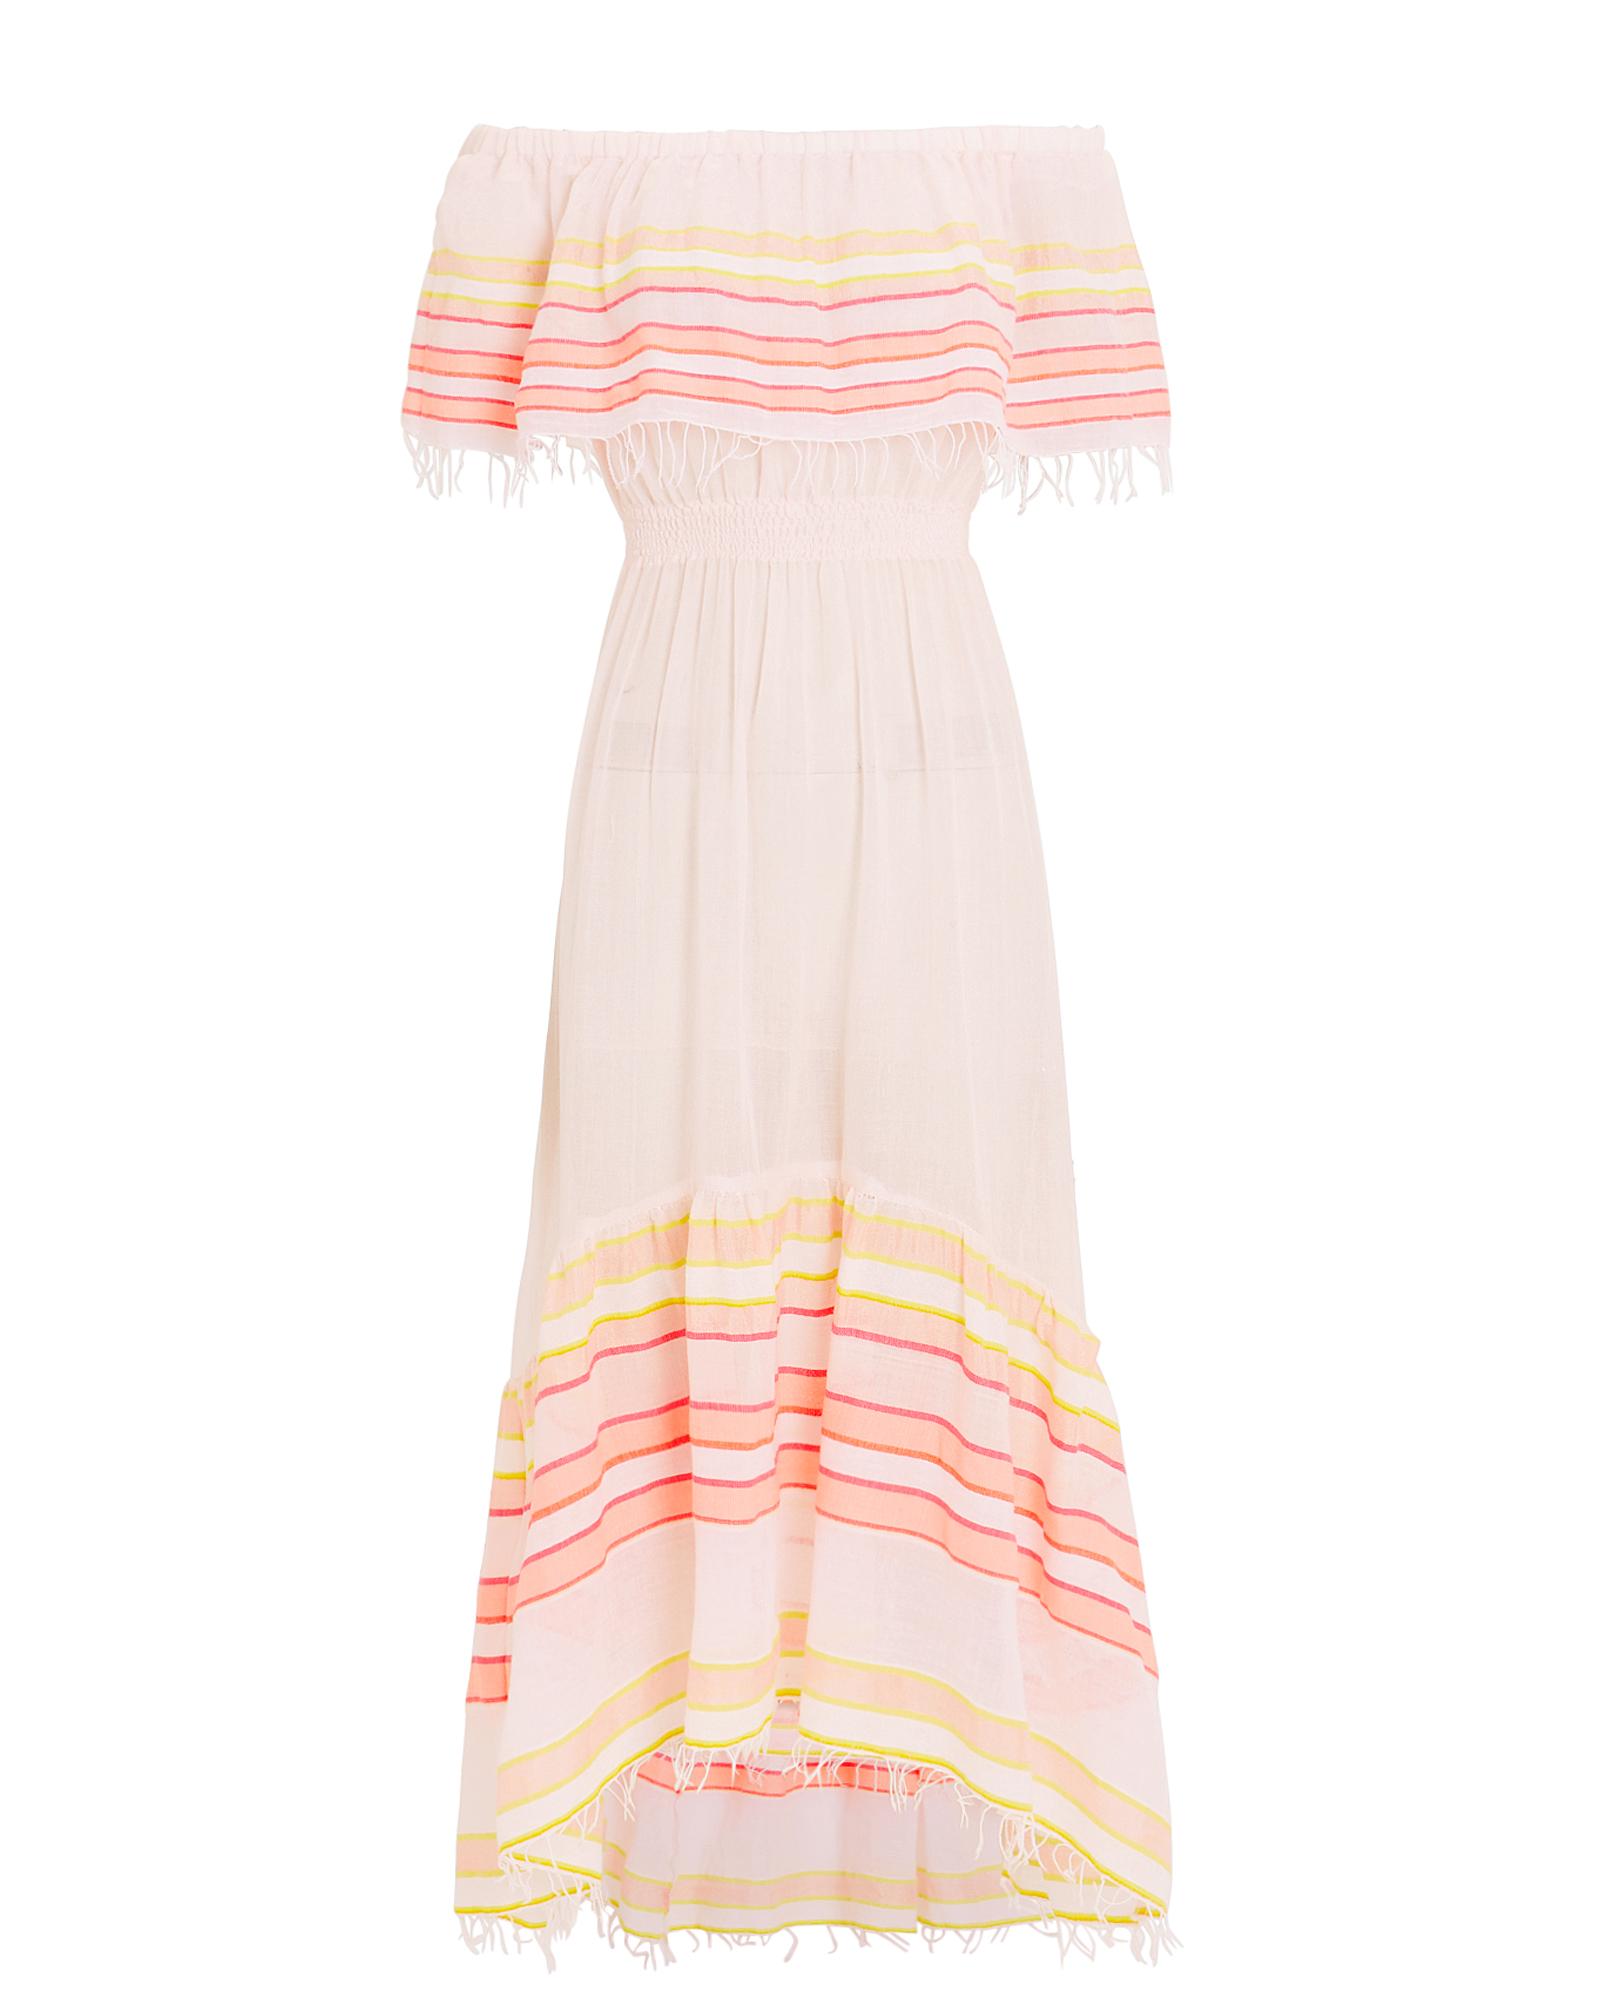 Lemlem Dresses Eskedar Off-The-Shoulder Striped Dress